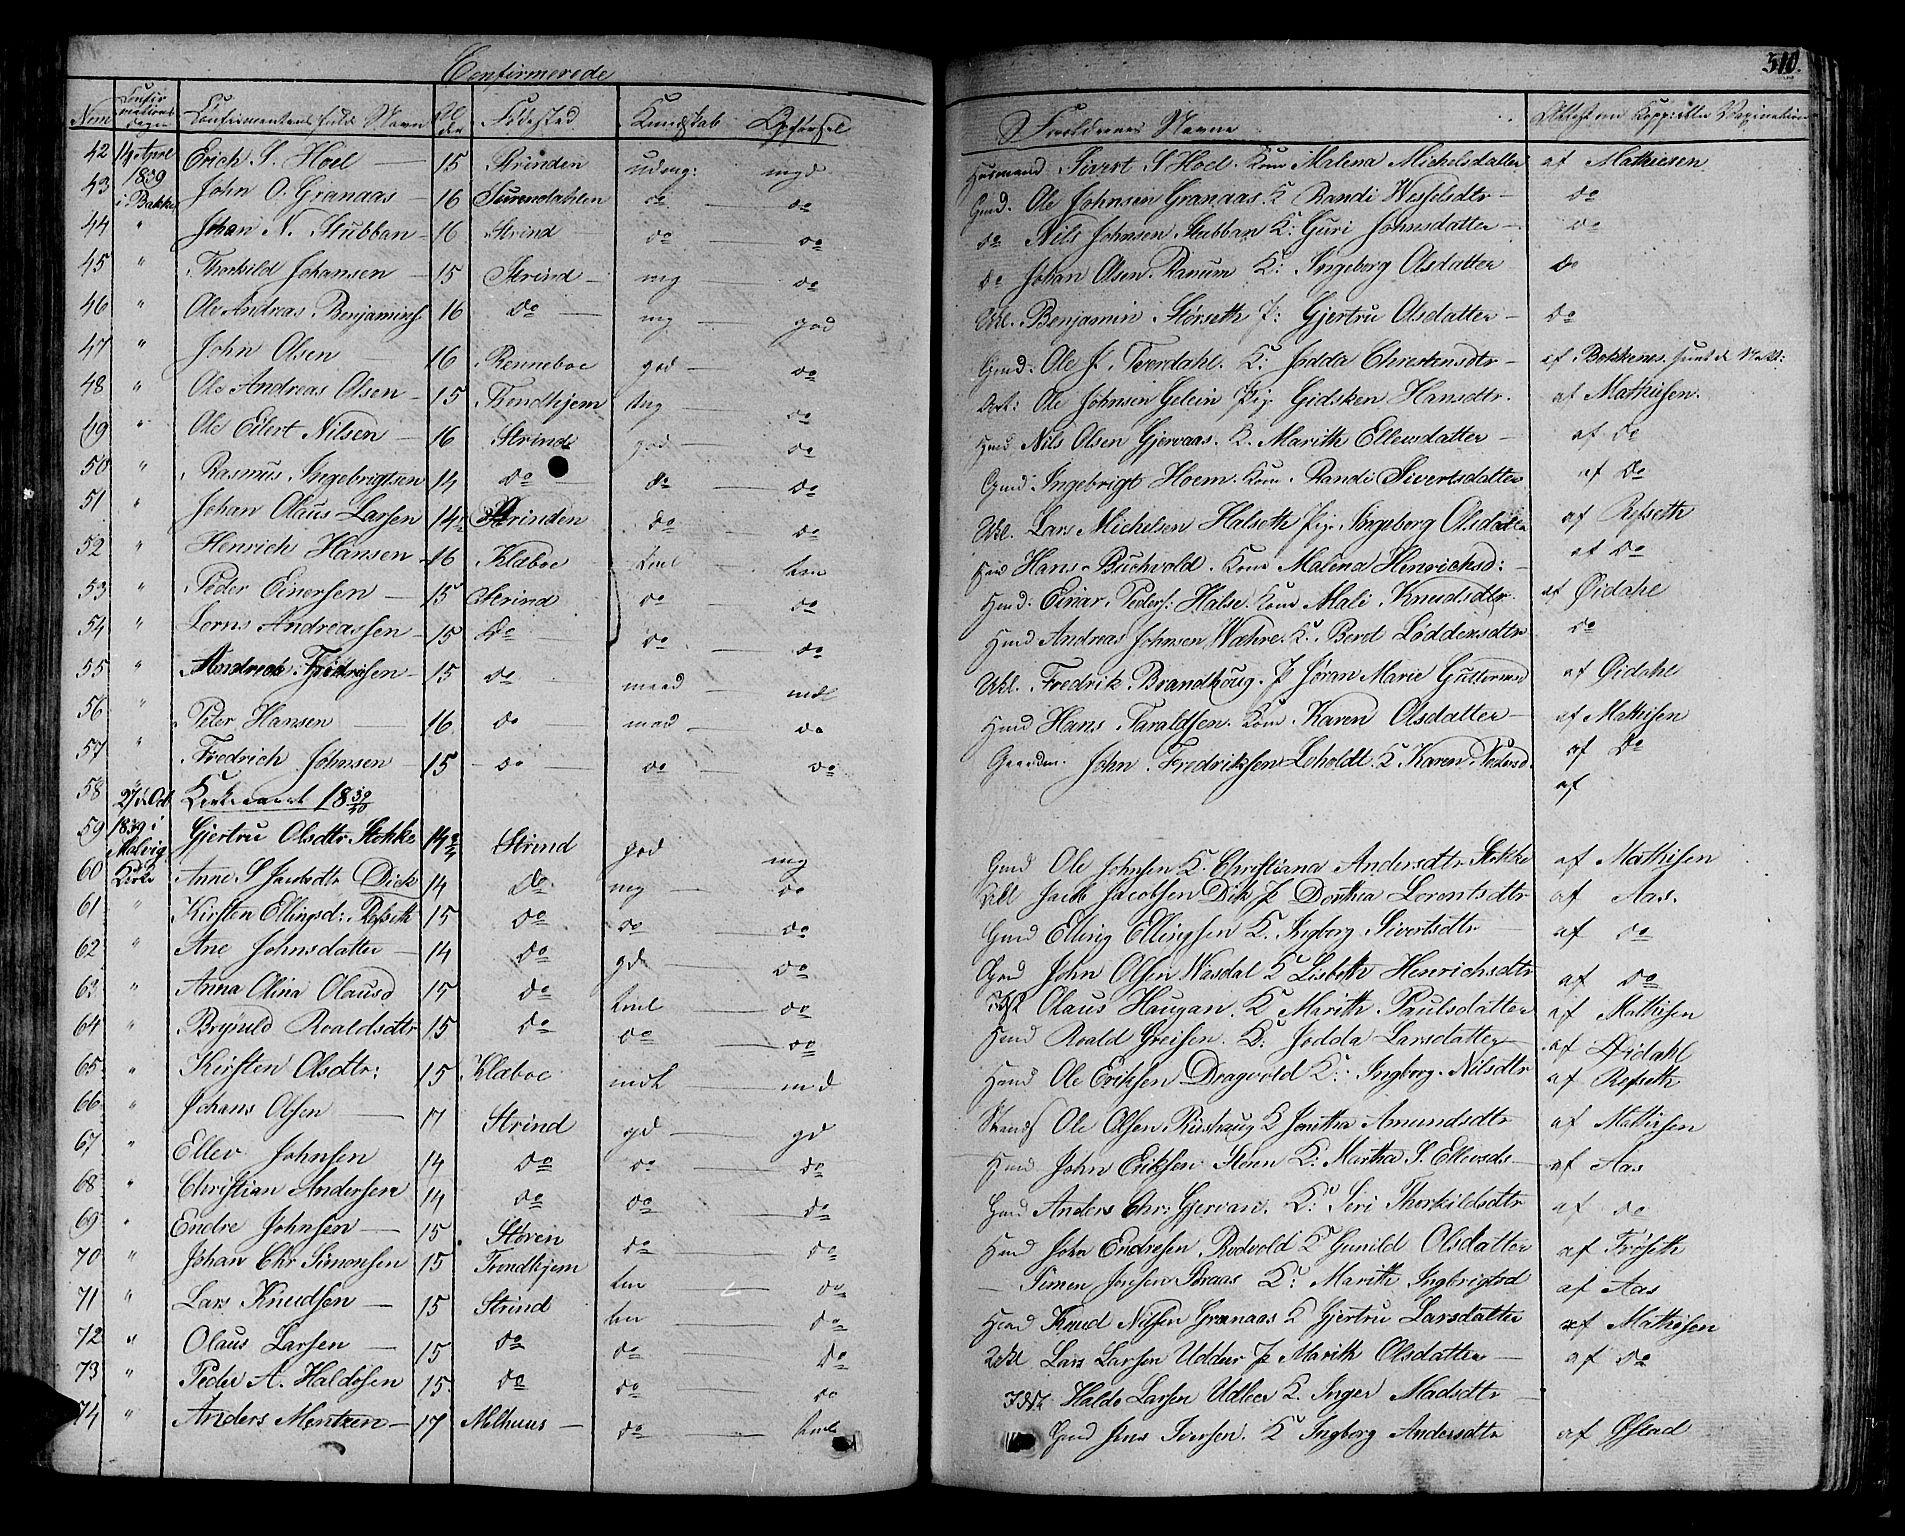 SAT, Ministerialprotokoller, klokkerbøker og fødselsregistre - Sør-Trøndelag, 606/L0286: Ministerialbok nr. 606A04 /1, 1823-1840, s. 310